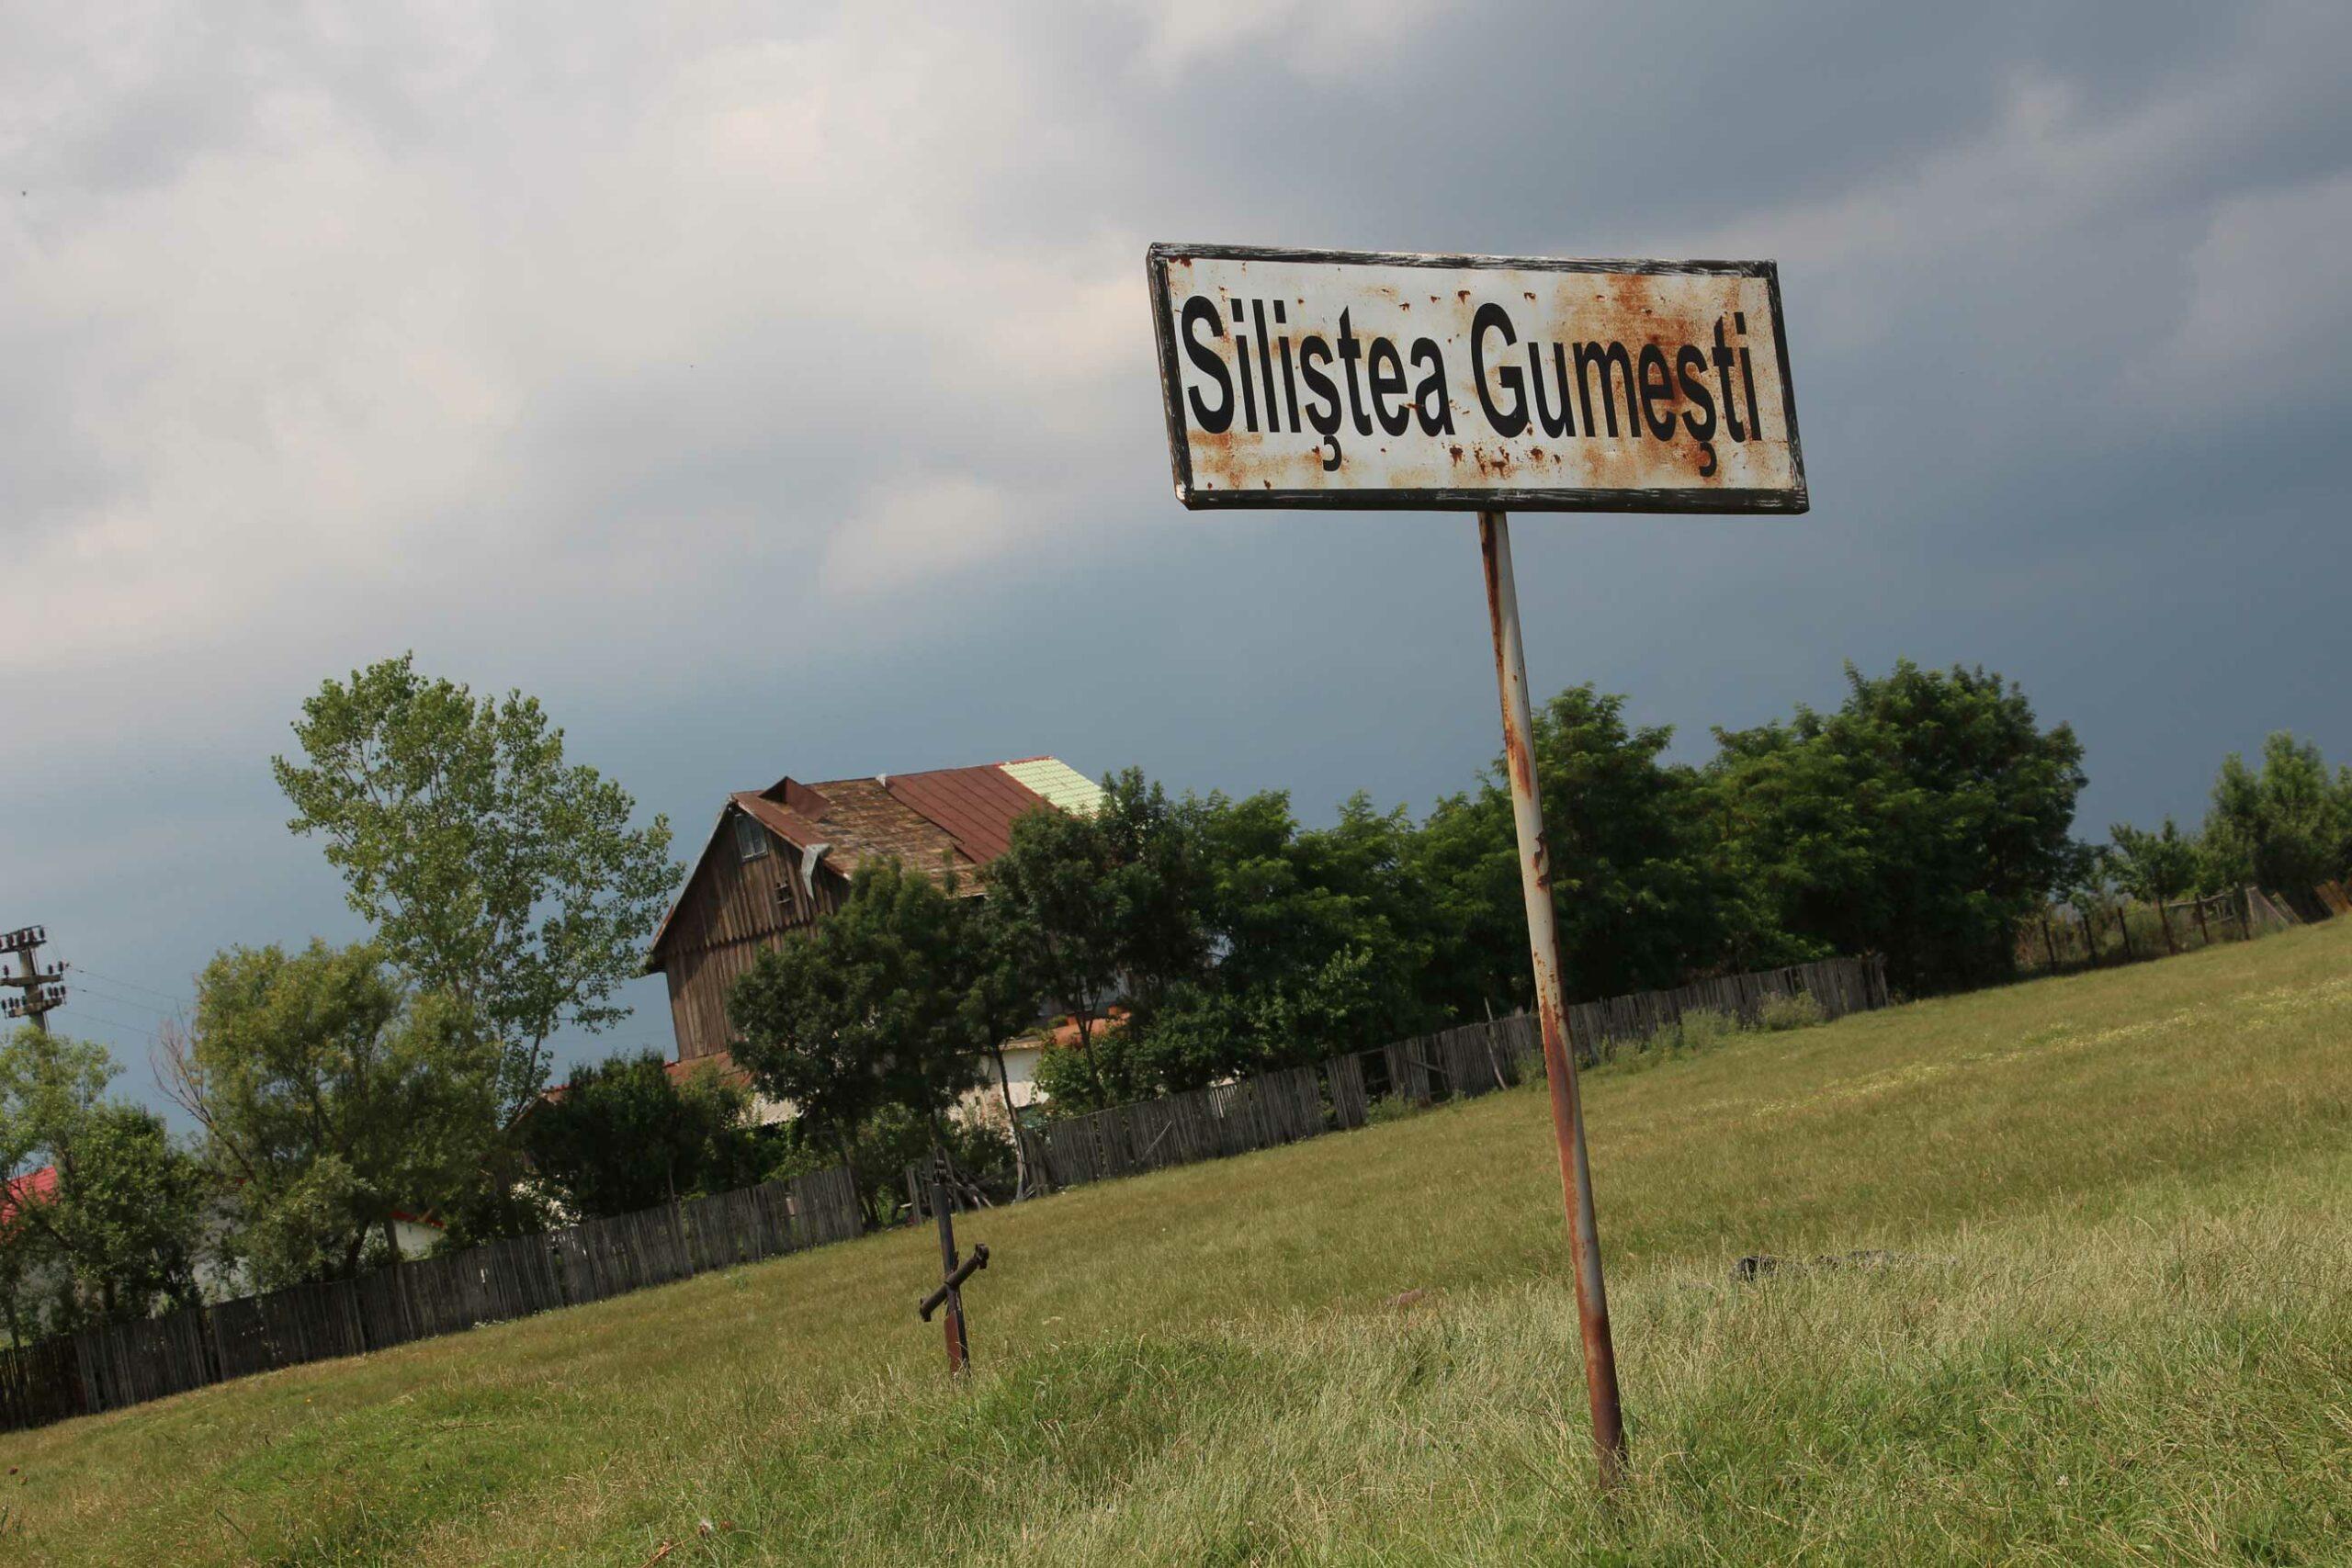 Intrarea-în-Siliștea-Gumești.-În-spate,-moara-lui-Aristide.-De-aici-ar-trebui-să-înceapă-un-traseu-turistic-pe-la-toate-obiectivele-citite-și-citate-în-scrierile-lui-Preda.